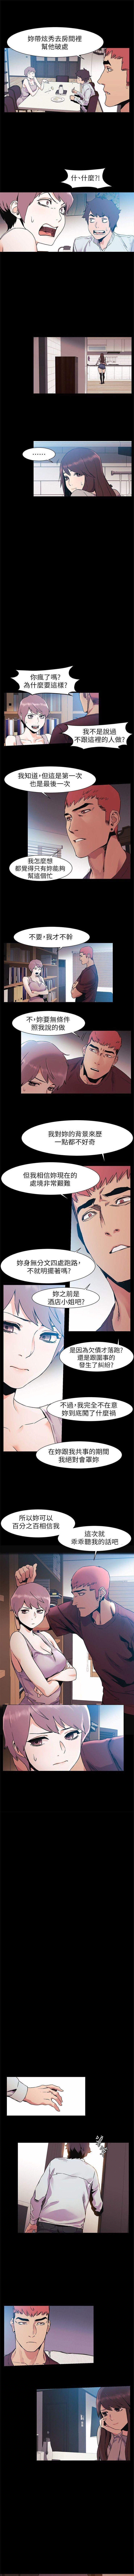 (週5)衝突 1-94 中文翻譯 (更新中) 170